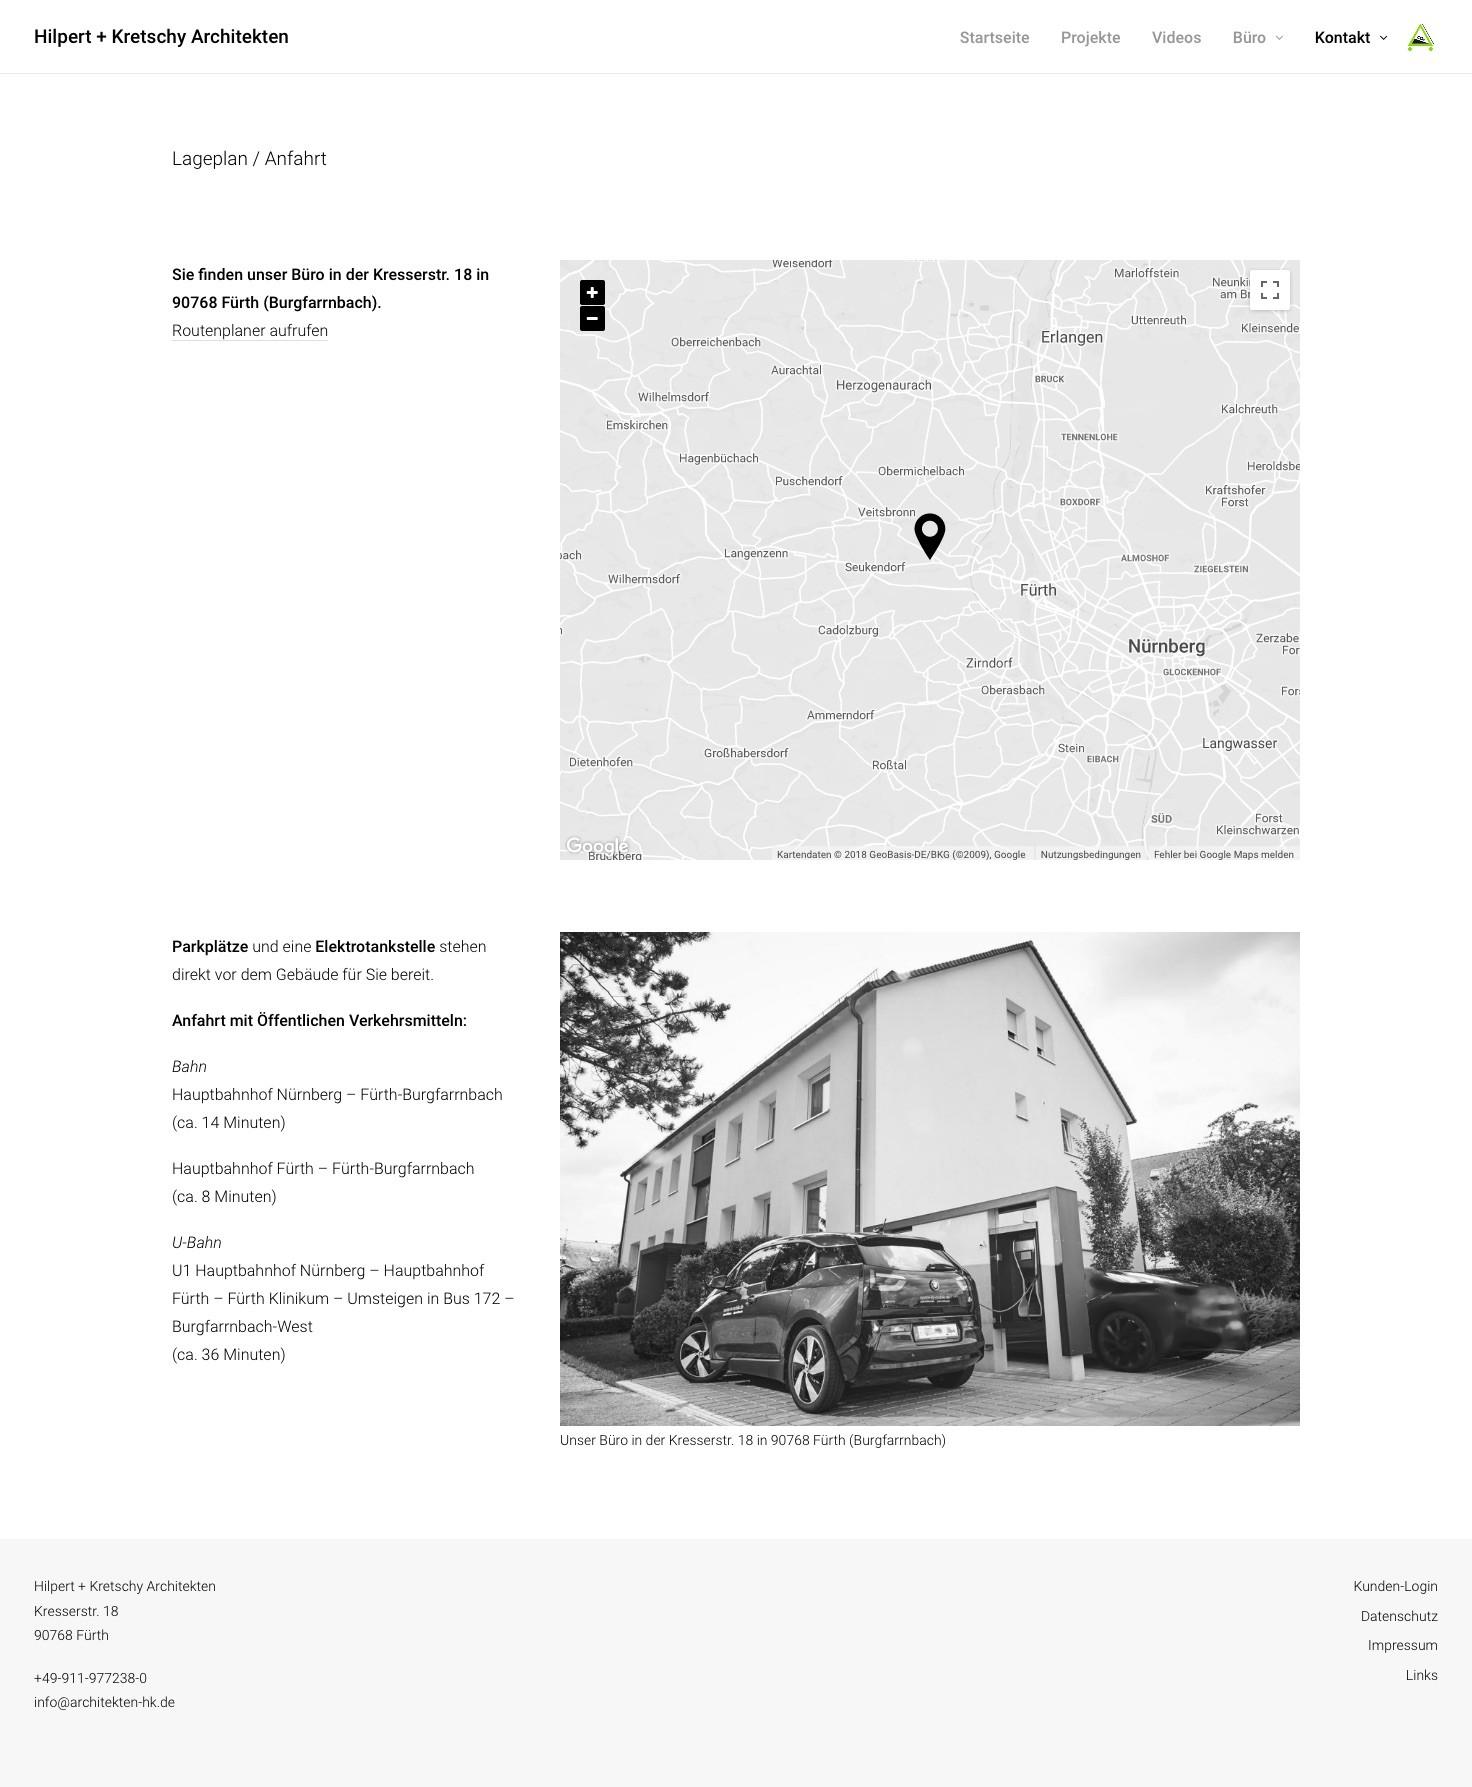 """Die Seite """"Lageplan/Anfahrt"""" von Hilpert + Kretschy Architekten"""